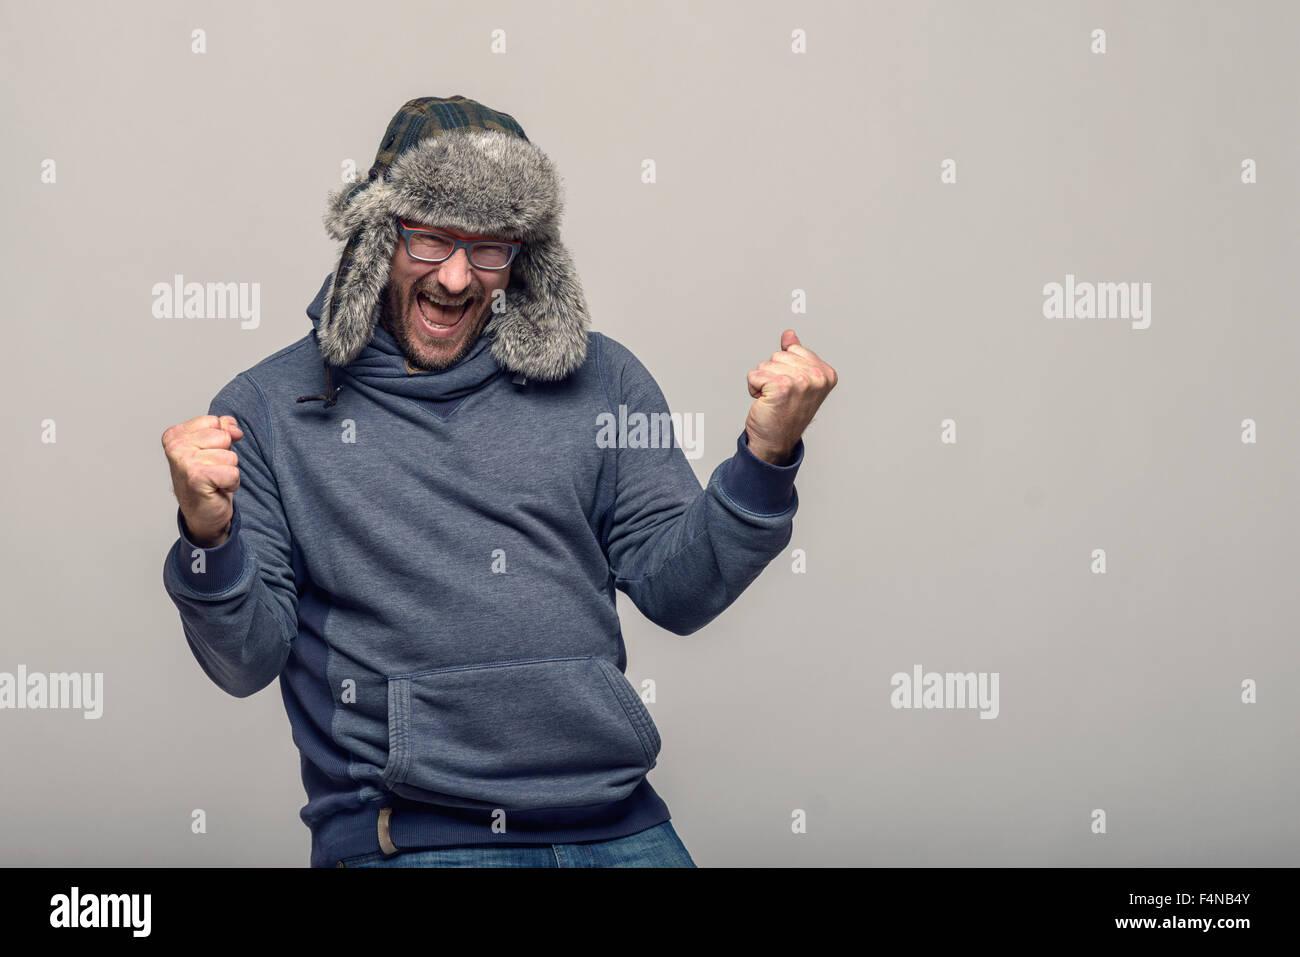 Felice l'uomo con gli occhiali e un cappello invernale il tifo e celebra il suo sollevamento rinserrata pugni in aria con un esultante expre Foto Stock